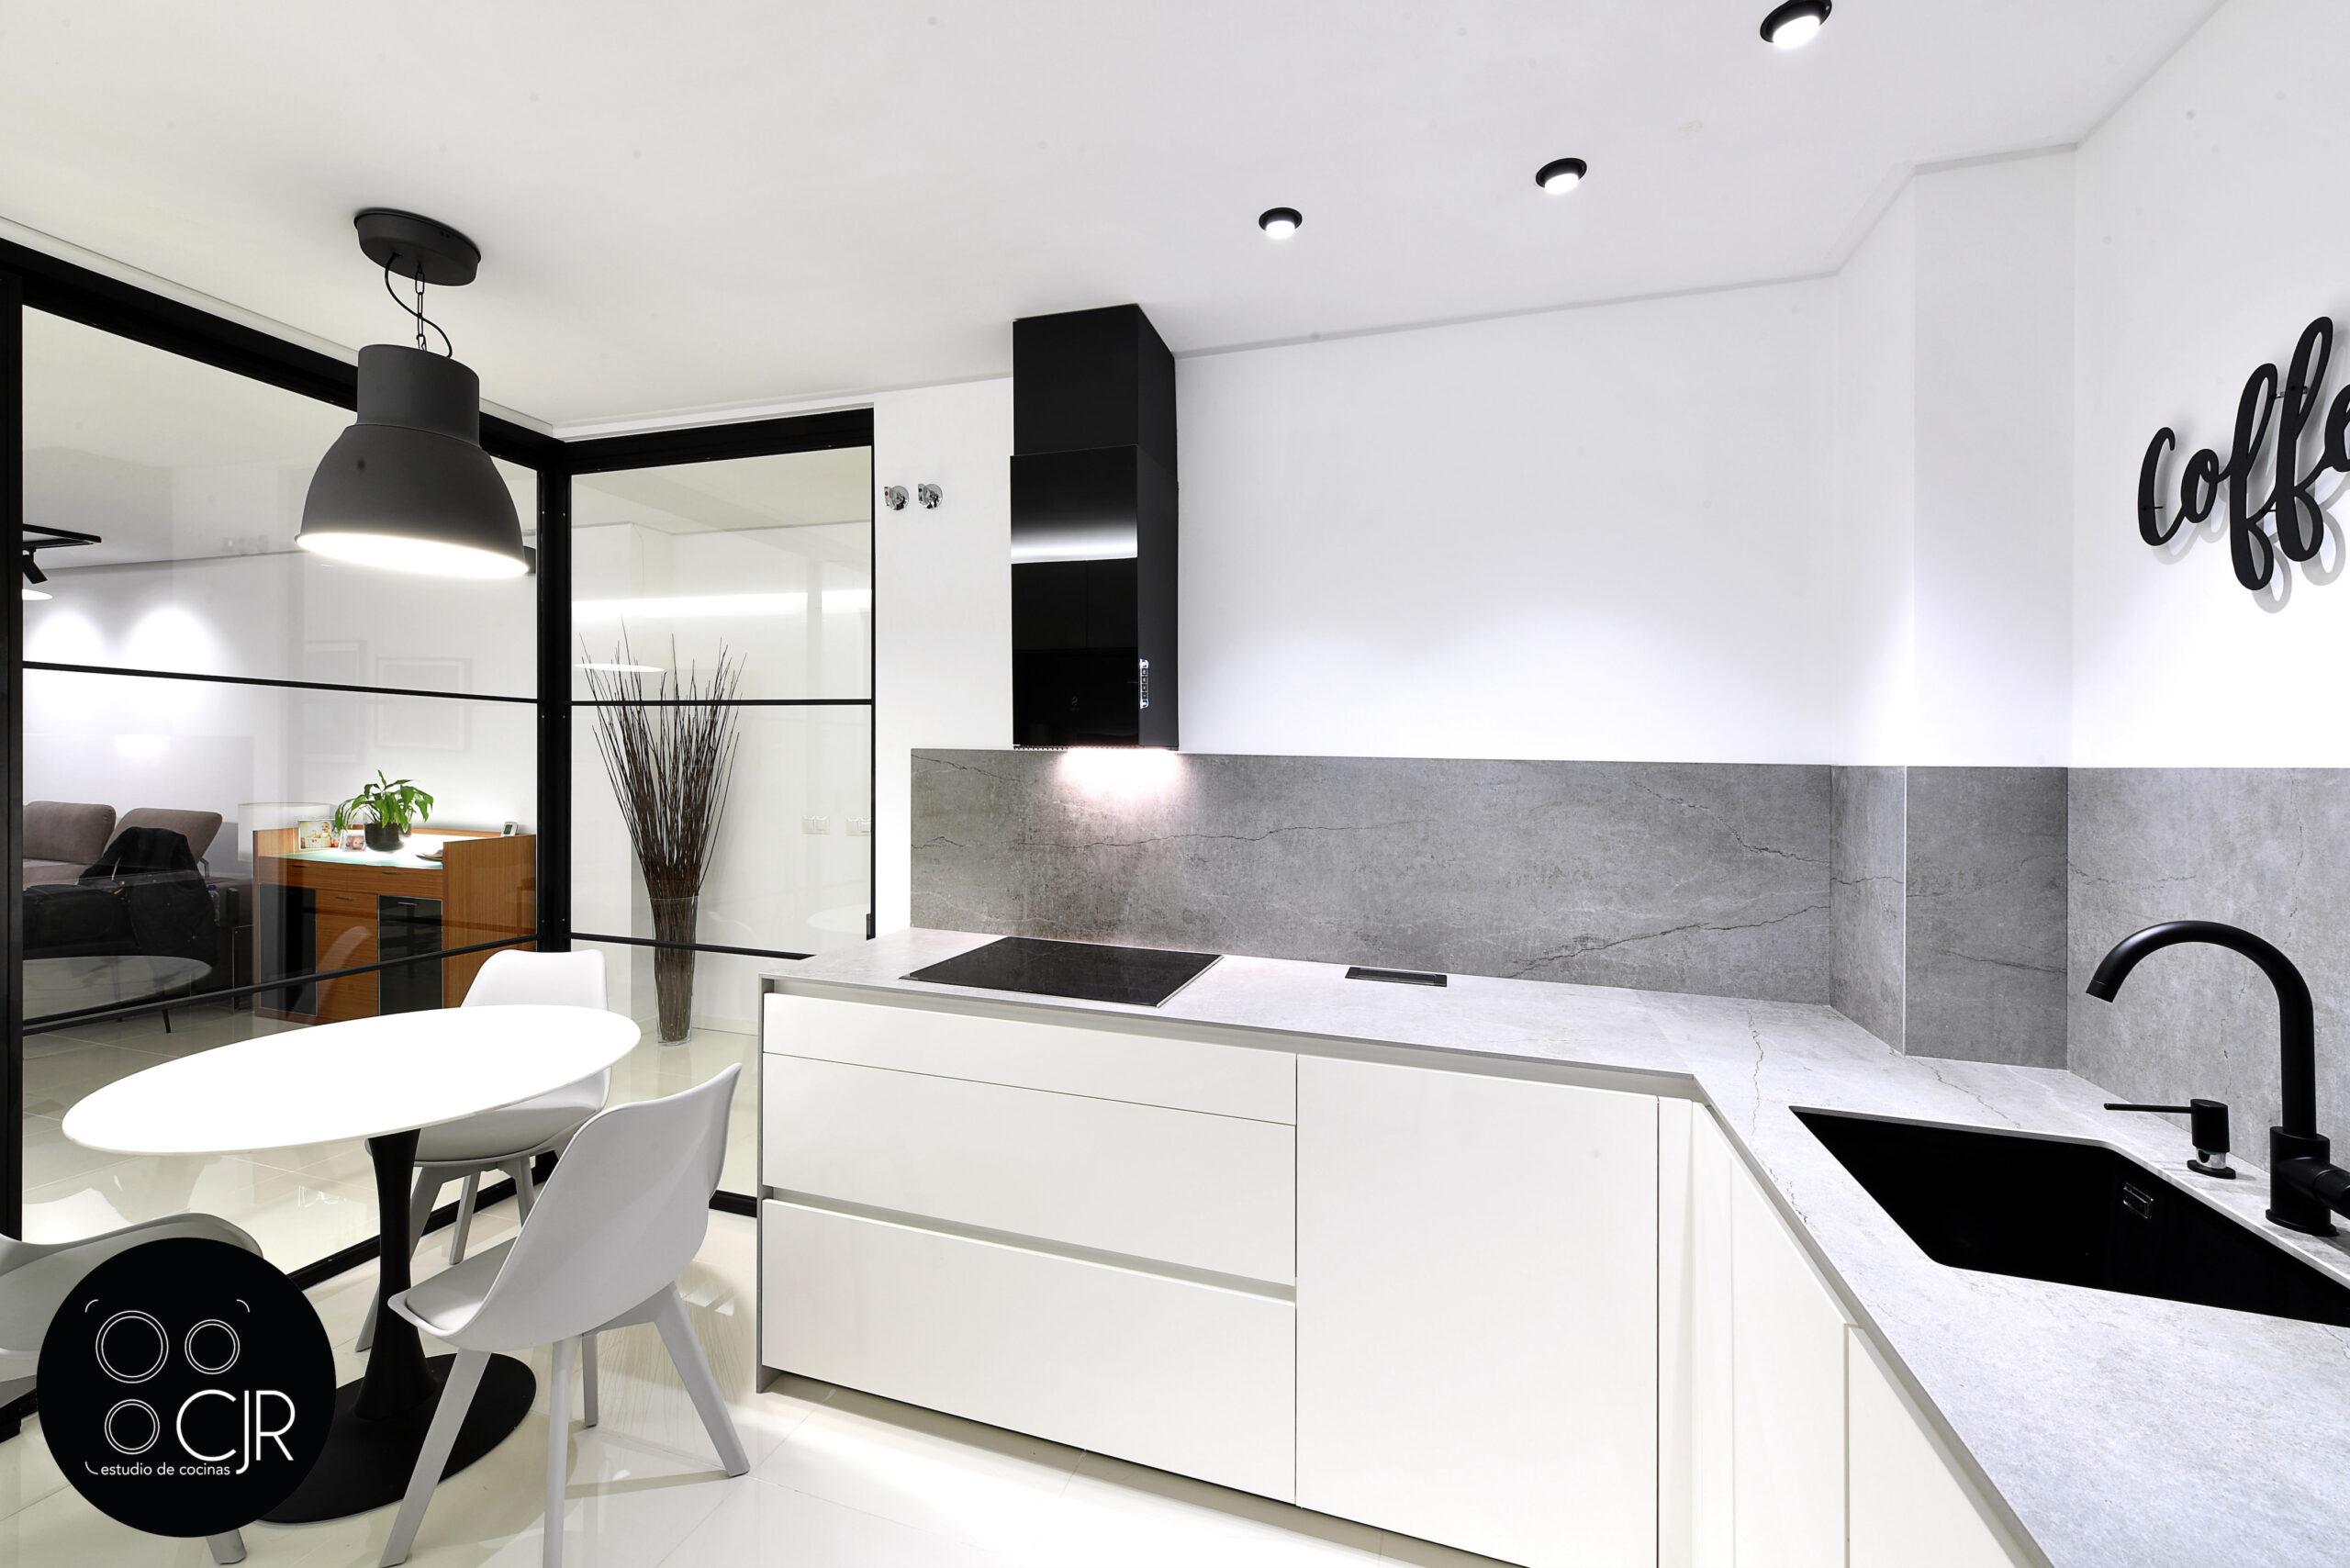 Encimera y campana en la cocina blanca con encimera gris marengo